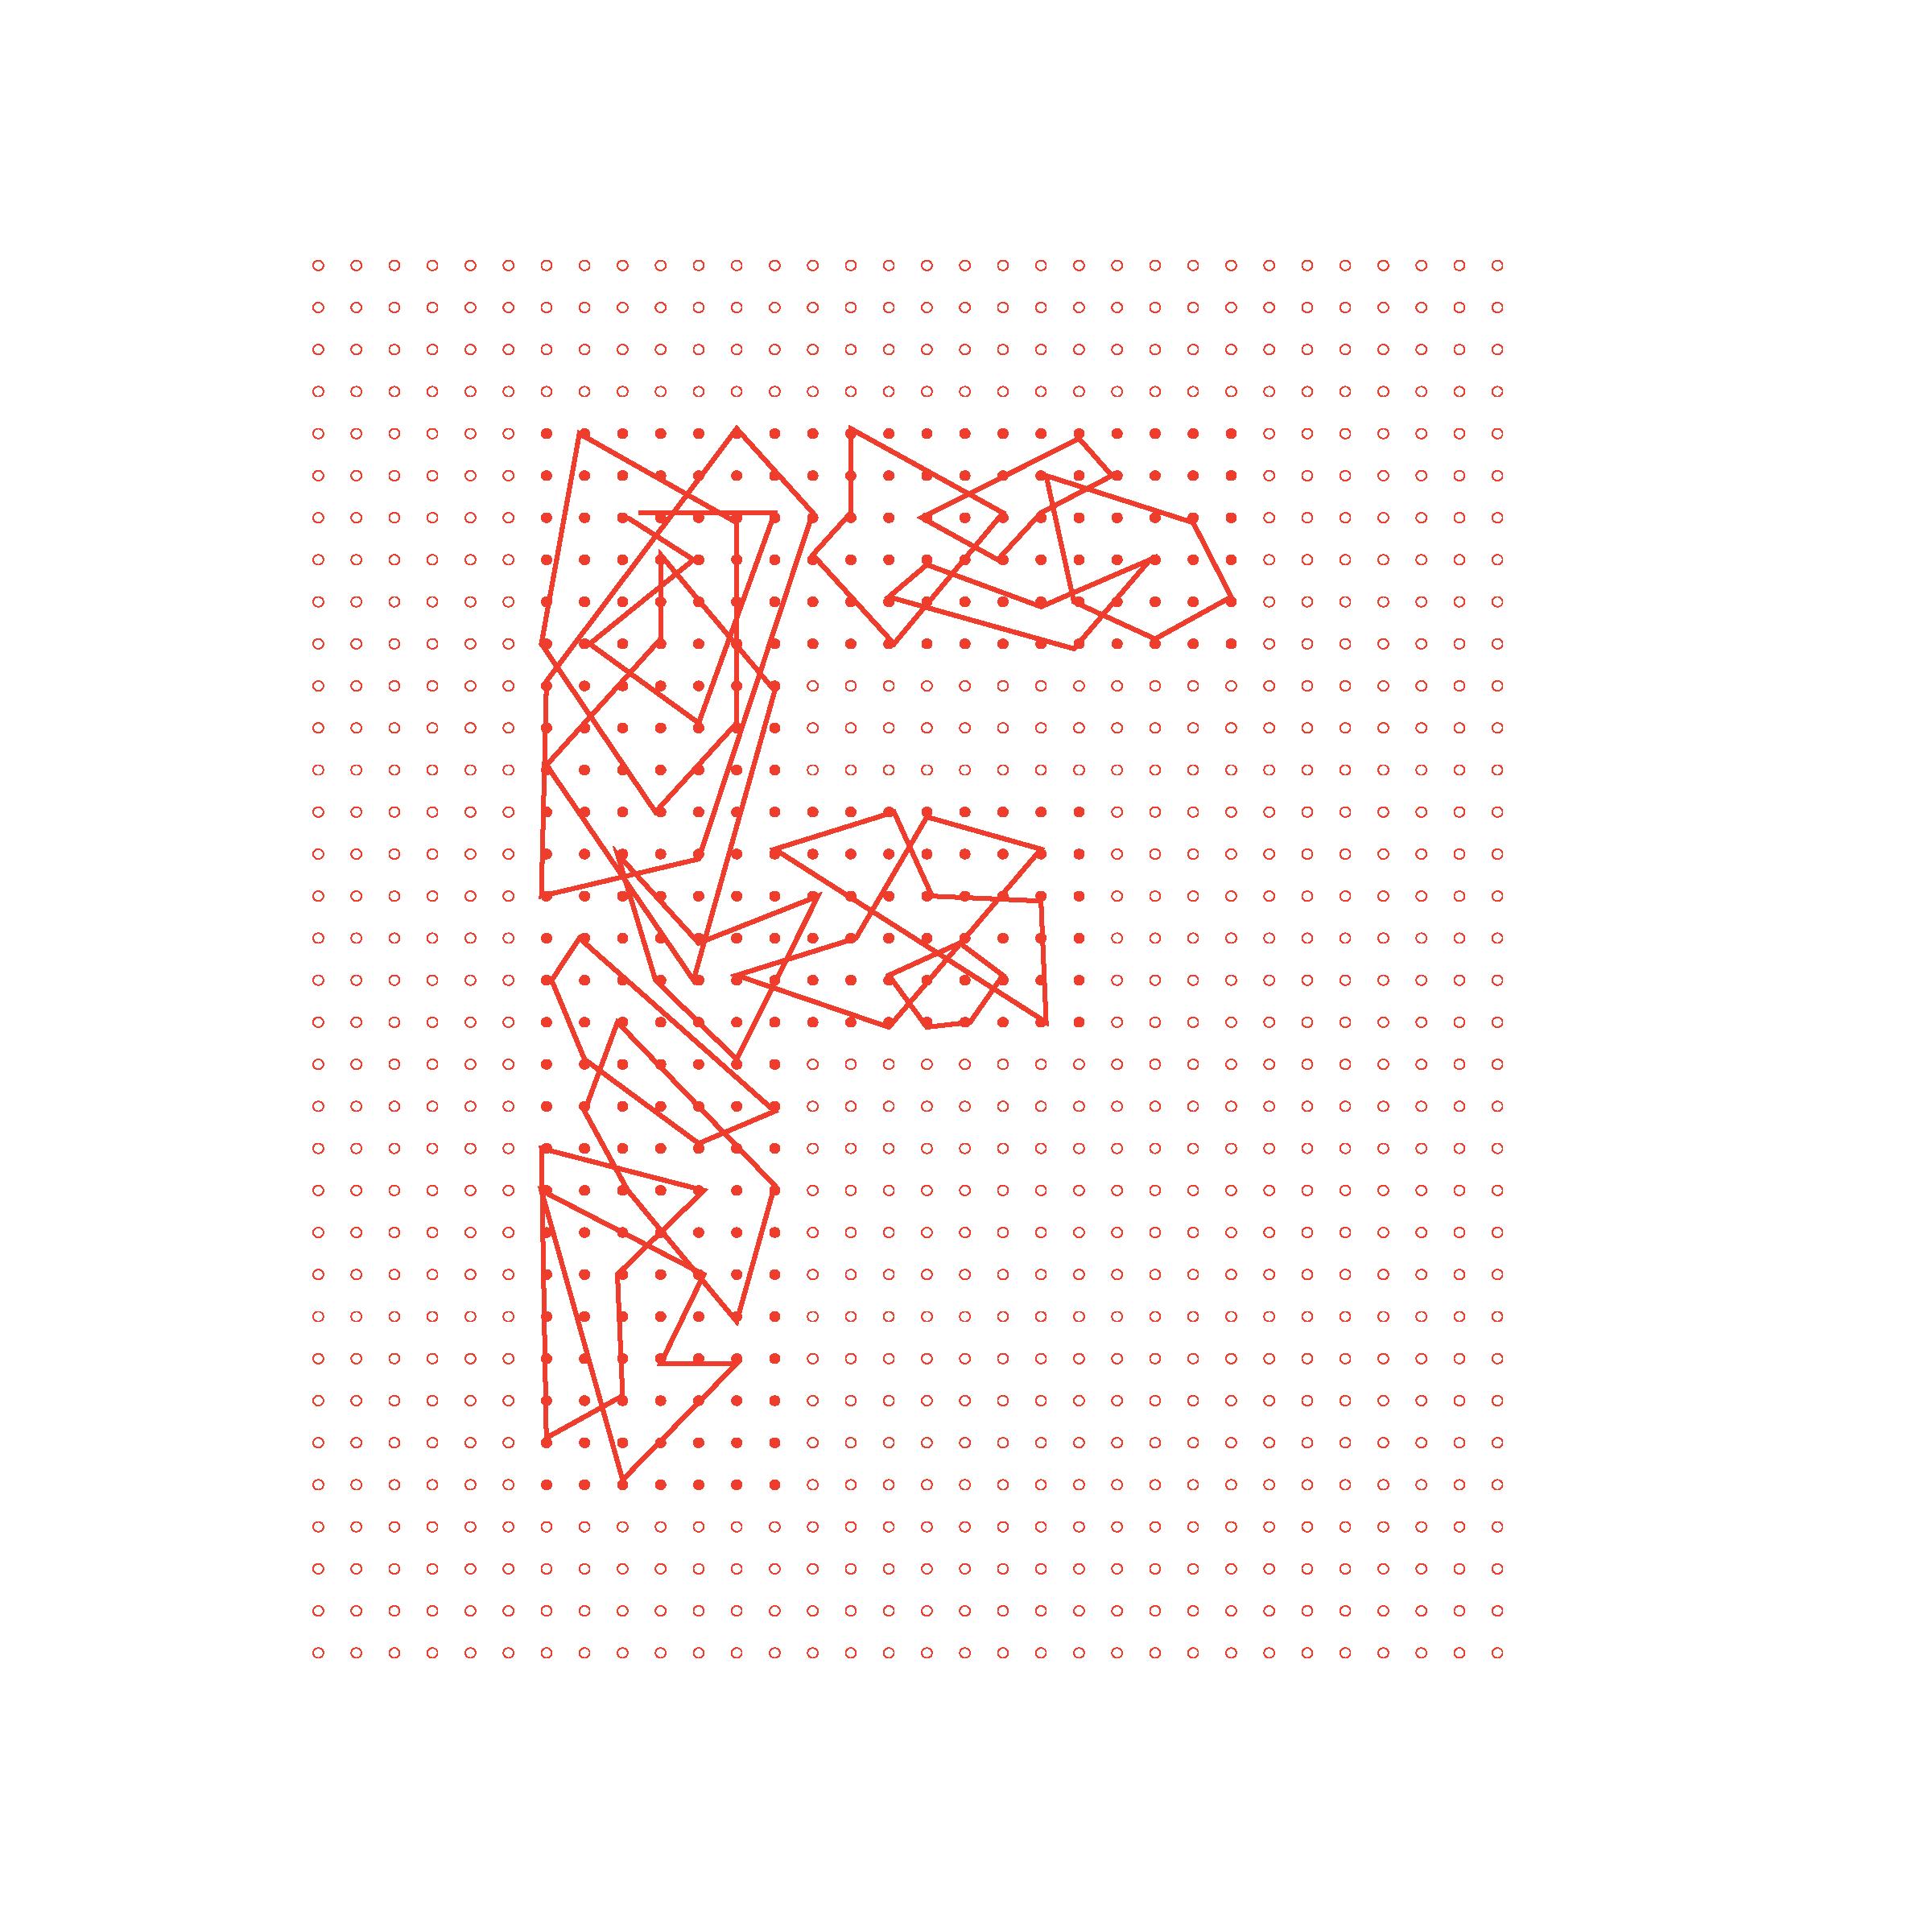 wk 12 logos-30.png